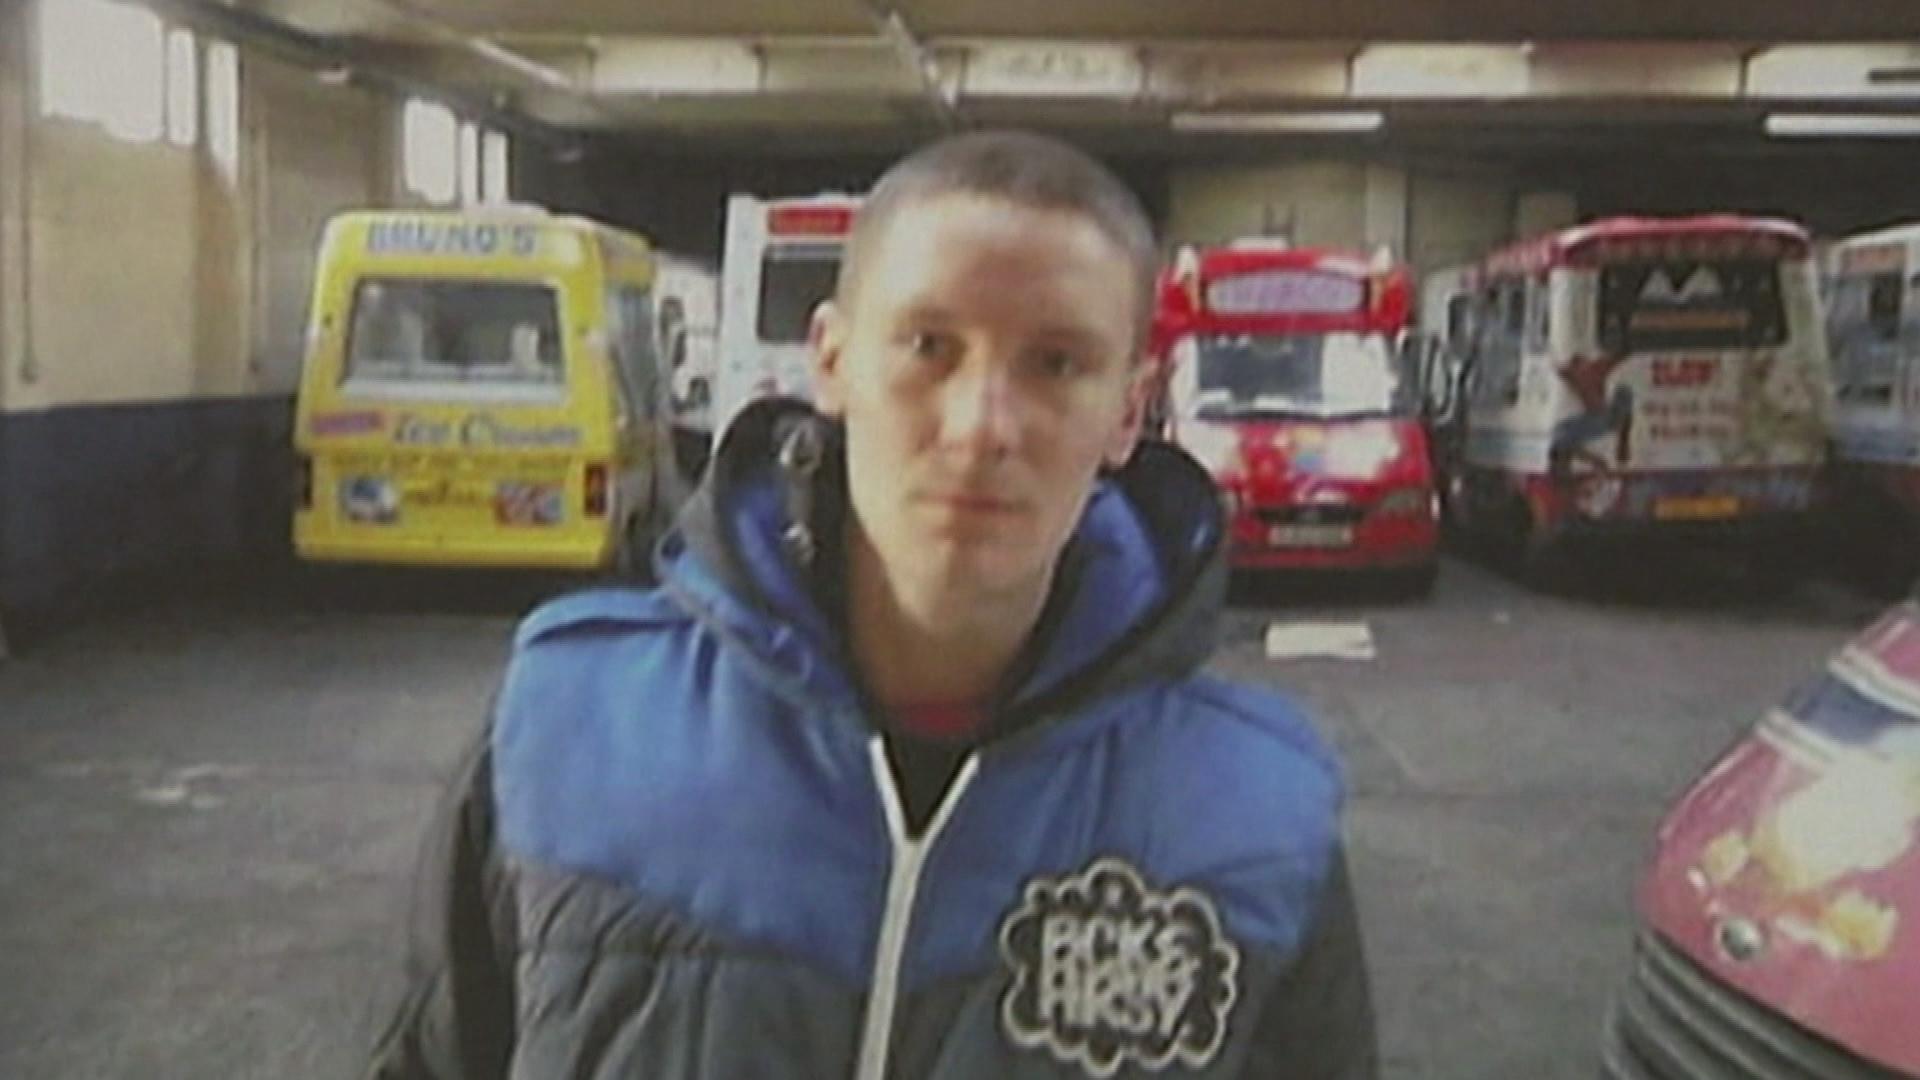 Taser victim Jordan Begley